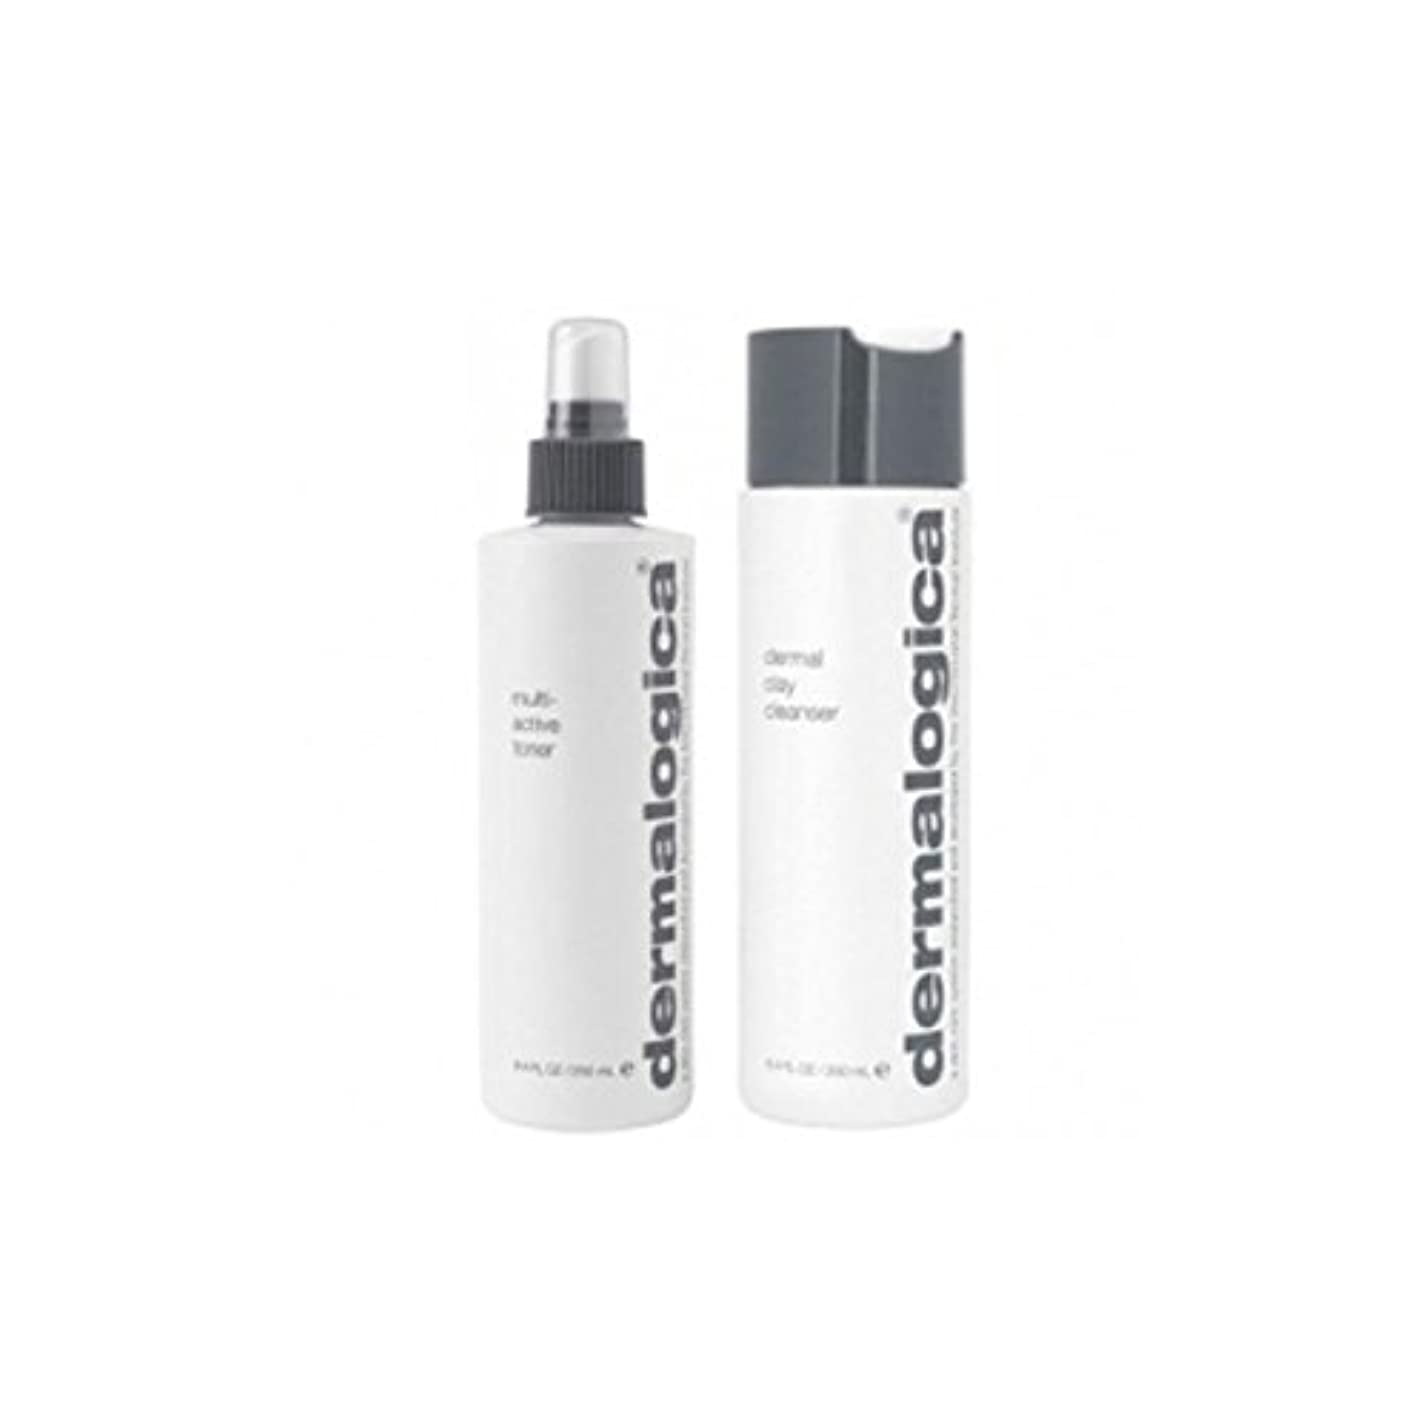 論争険しいロンドンダーマロジカクレンジング&トーンデュオ - 脂性肌(2製品) x4 - Dermalogica Cleanse & Tone Duo - Oily Skin (2 Products) (Pack of 4) [並行輸入品]